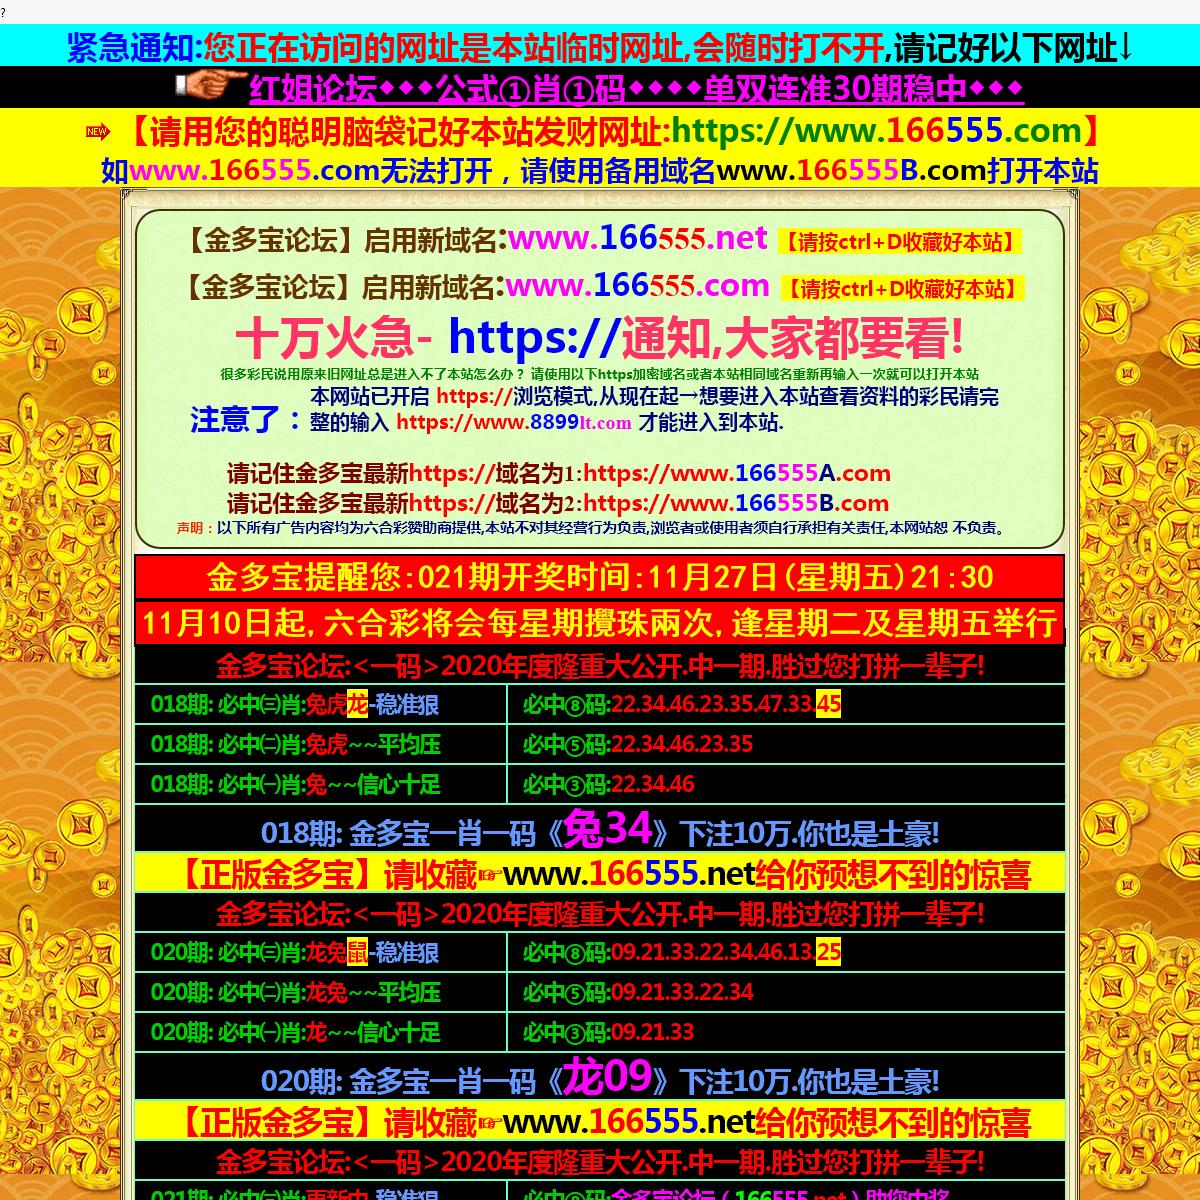 本港台现场报码室-香港现场开码网站-本港台同步现场报码